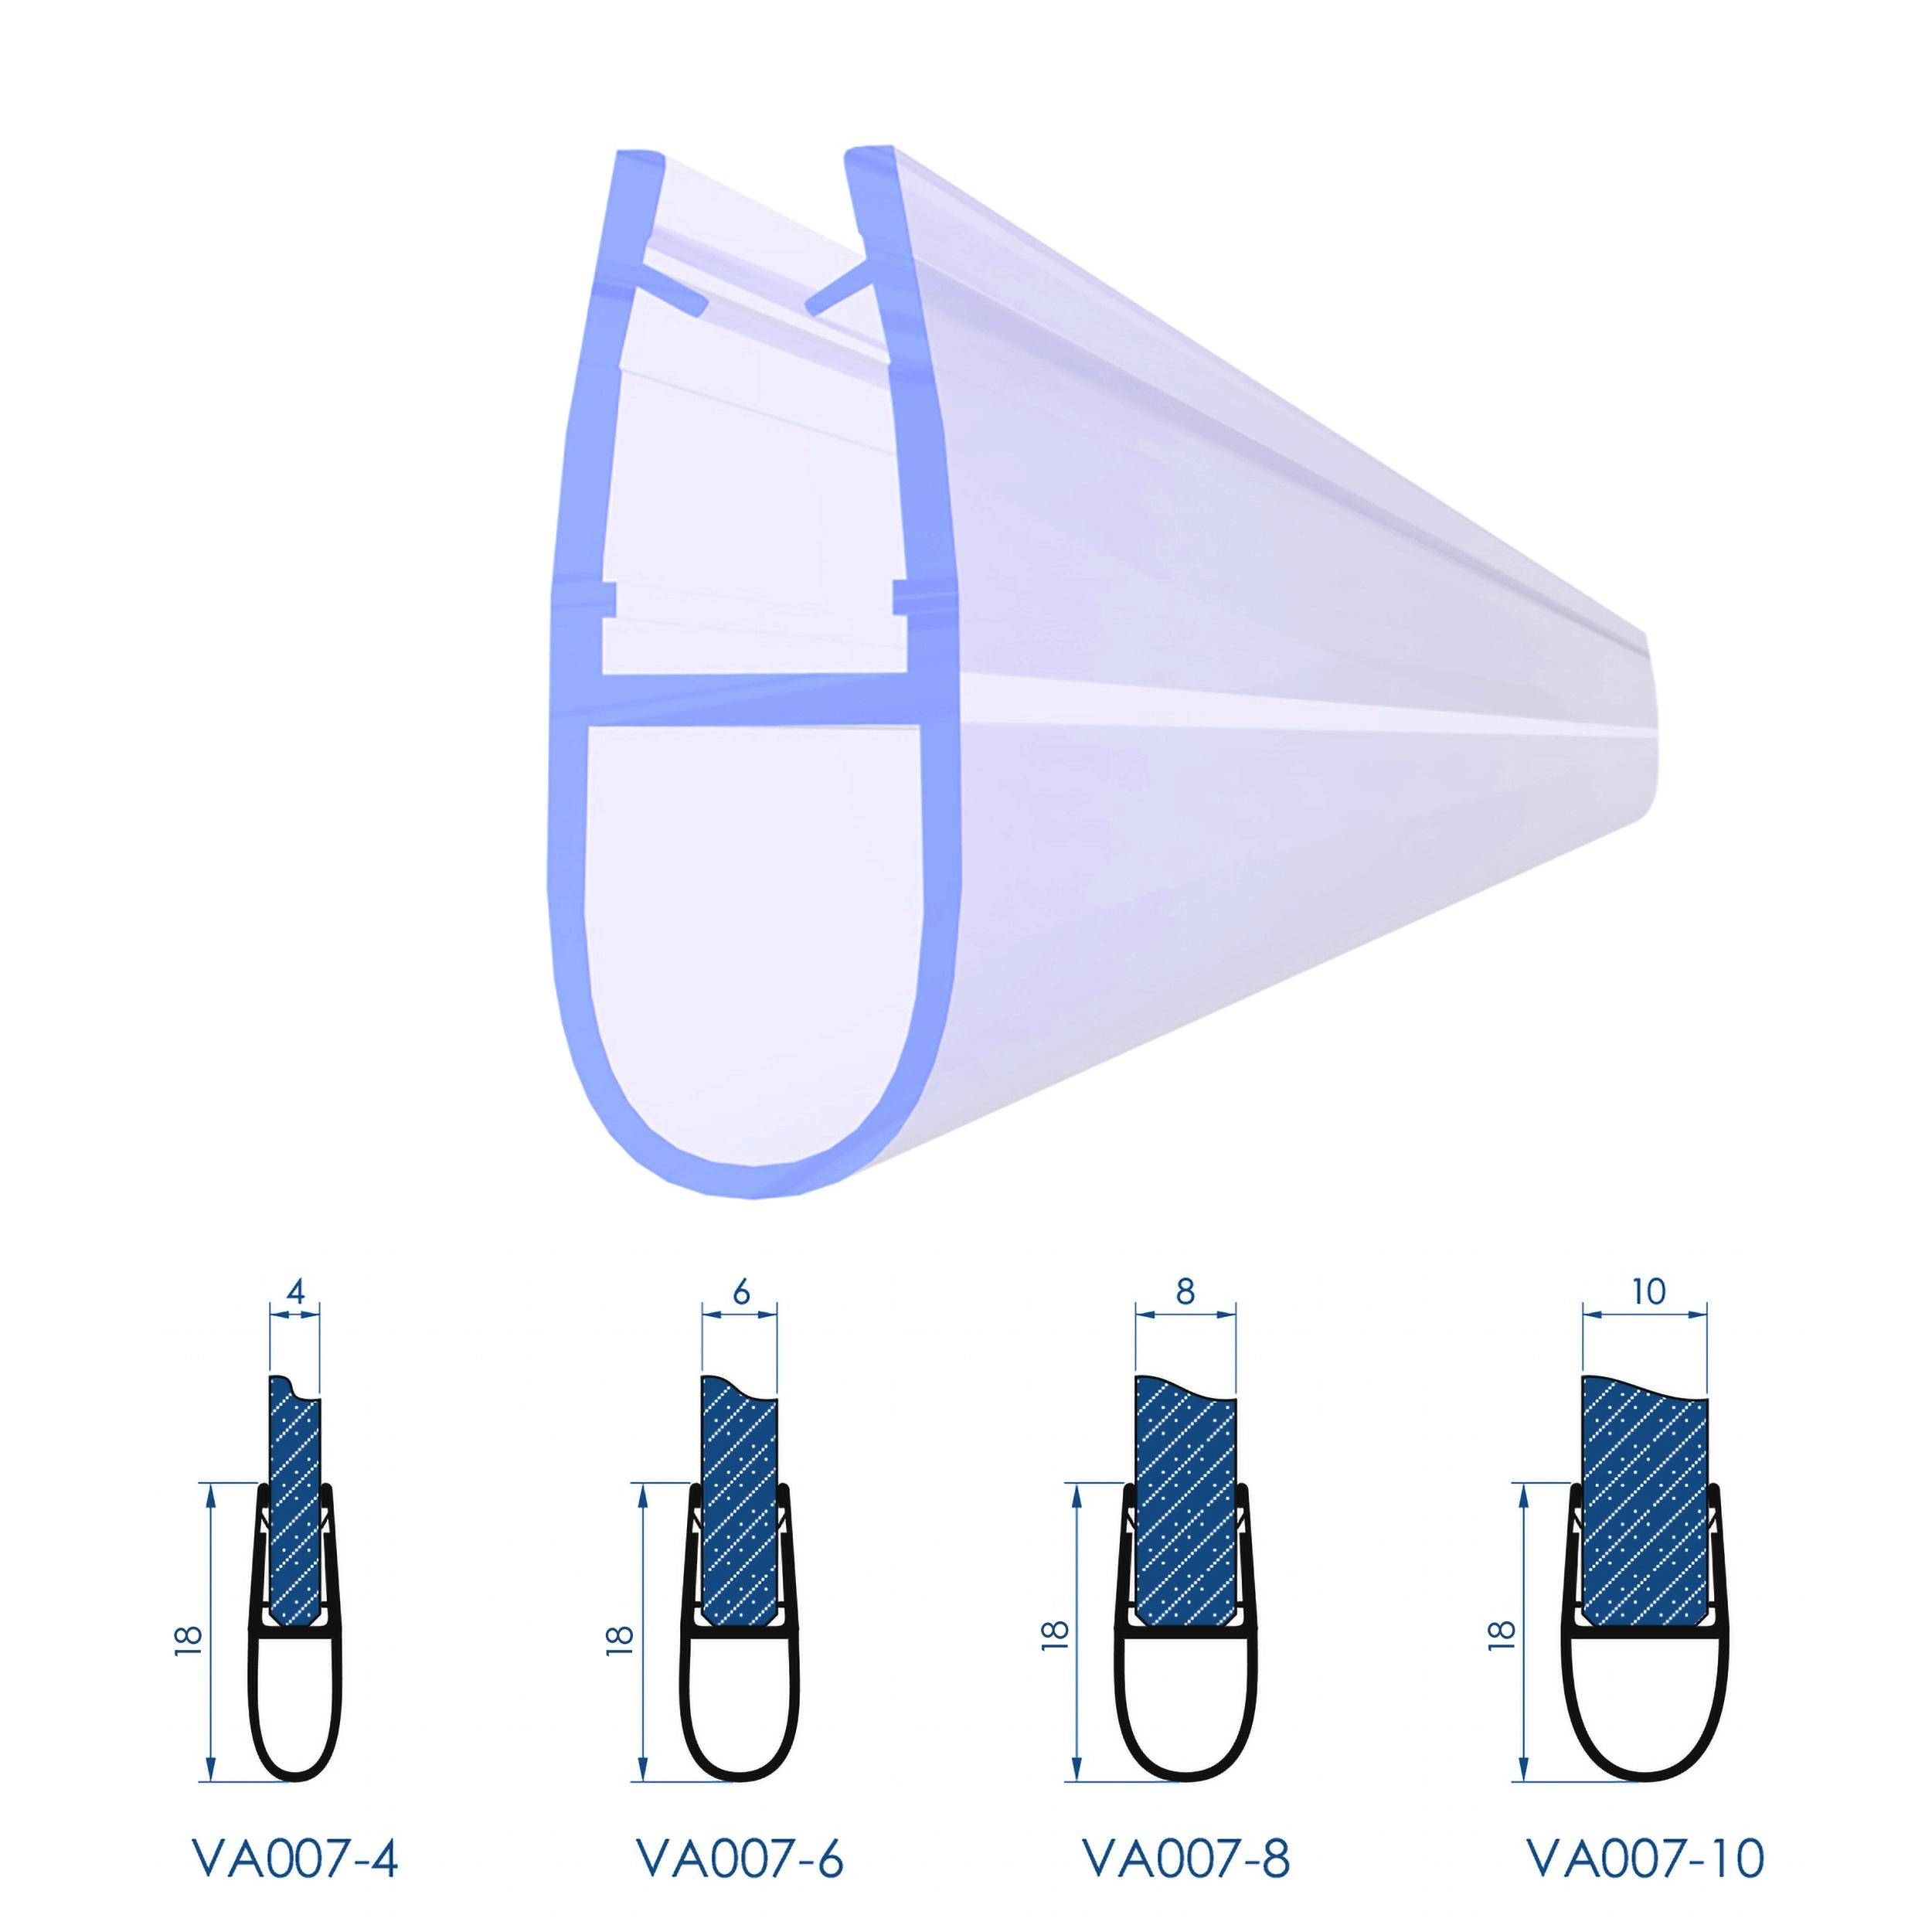 8 10 mm L/änge: 40 bis 200 cm Glasst/ärke:4 mm 6 VON ADELBERG Duschdichtung Wasserabweiser Gerade PVC Ersatzdichtung f/ür Dusche Typ: VA006-15 2 St/ück Dichtung L/änge:40 cm Glasst/ärke: 4